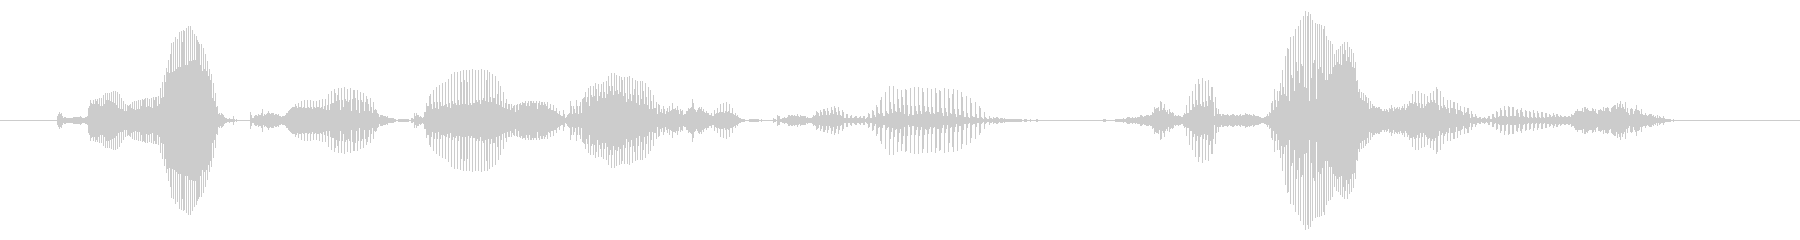 【誕生石】9月の誕生石は、サファイアですの未再生の波形